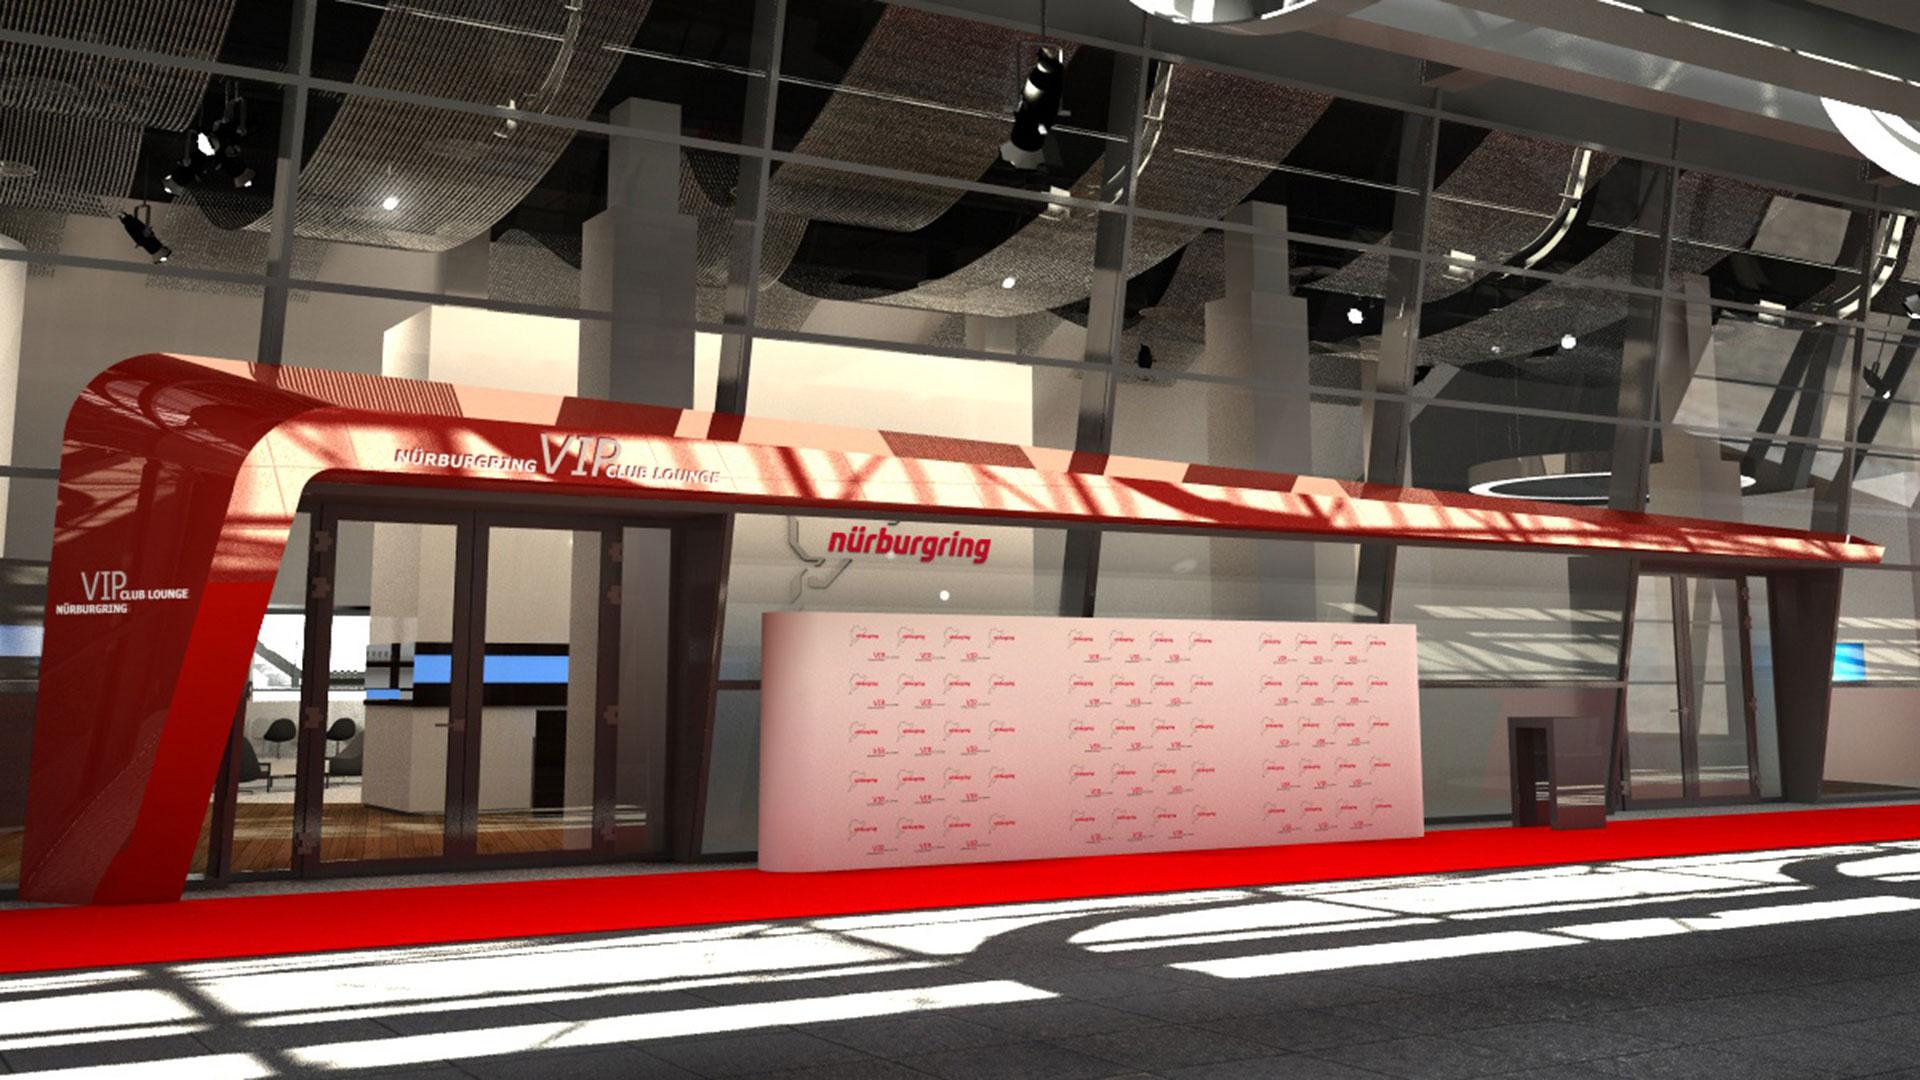 Nürburgring VIP Club Lounge Eingangsbereich